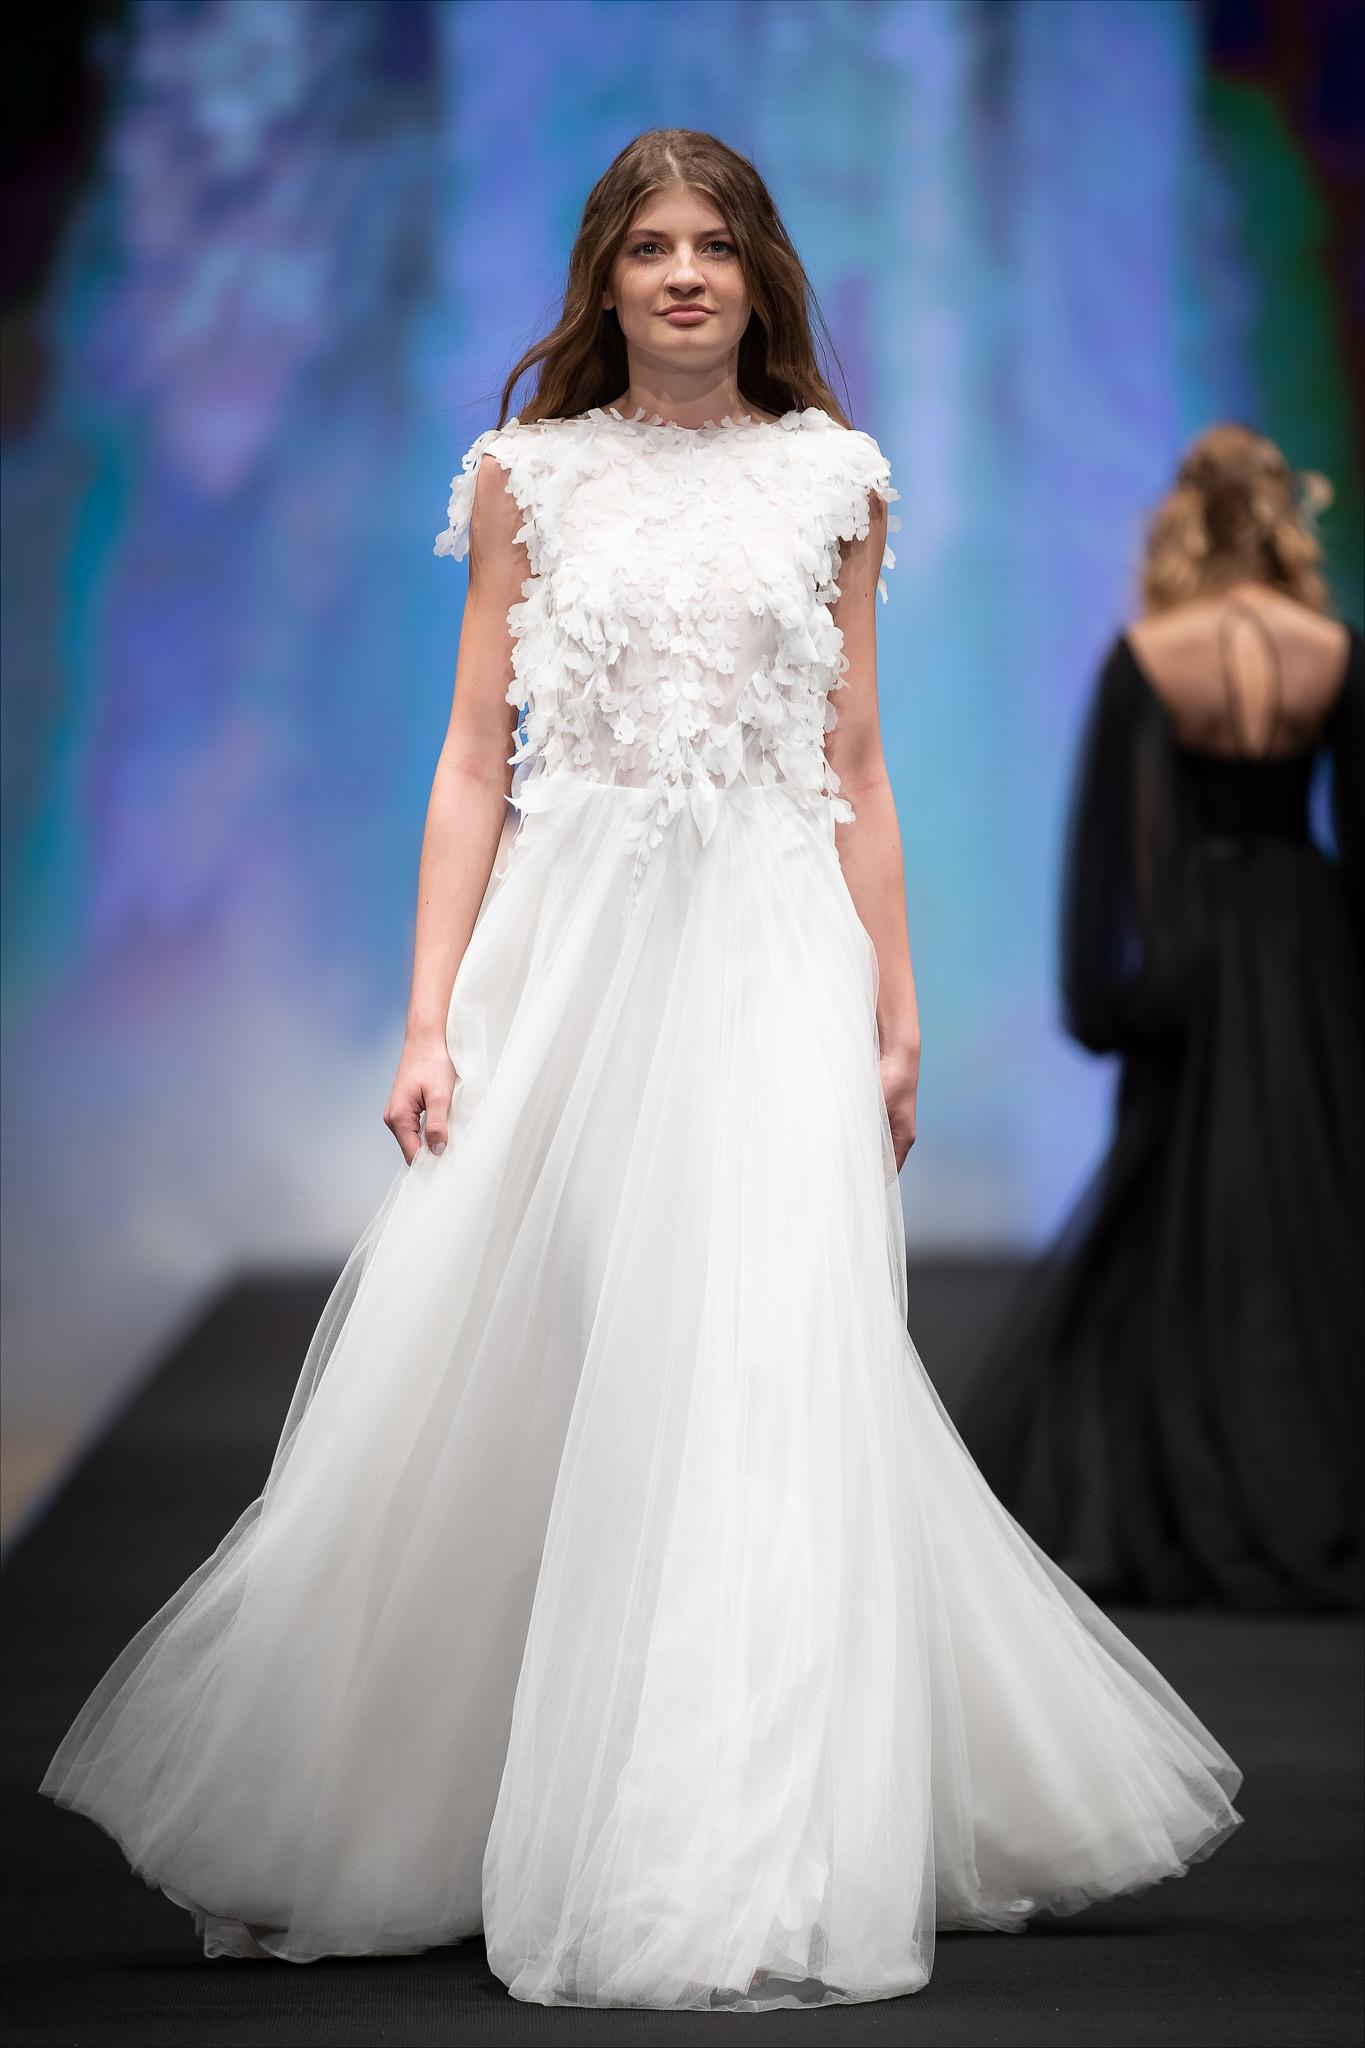 b51cf9b156 Most már csak az kell, hogy a magyar menyasszonyok a tervező által  megalkotott rebellis női képet nyitottak legyenek magukávé tenni és készek  legyenek egy ...